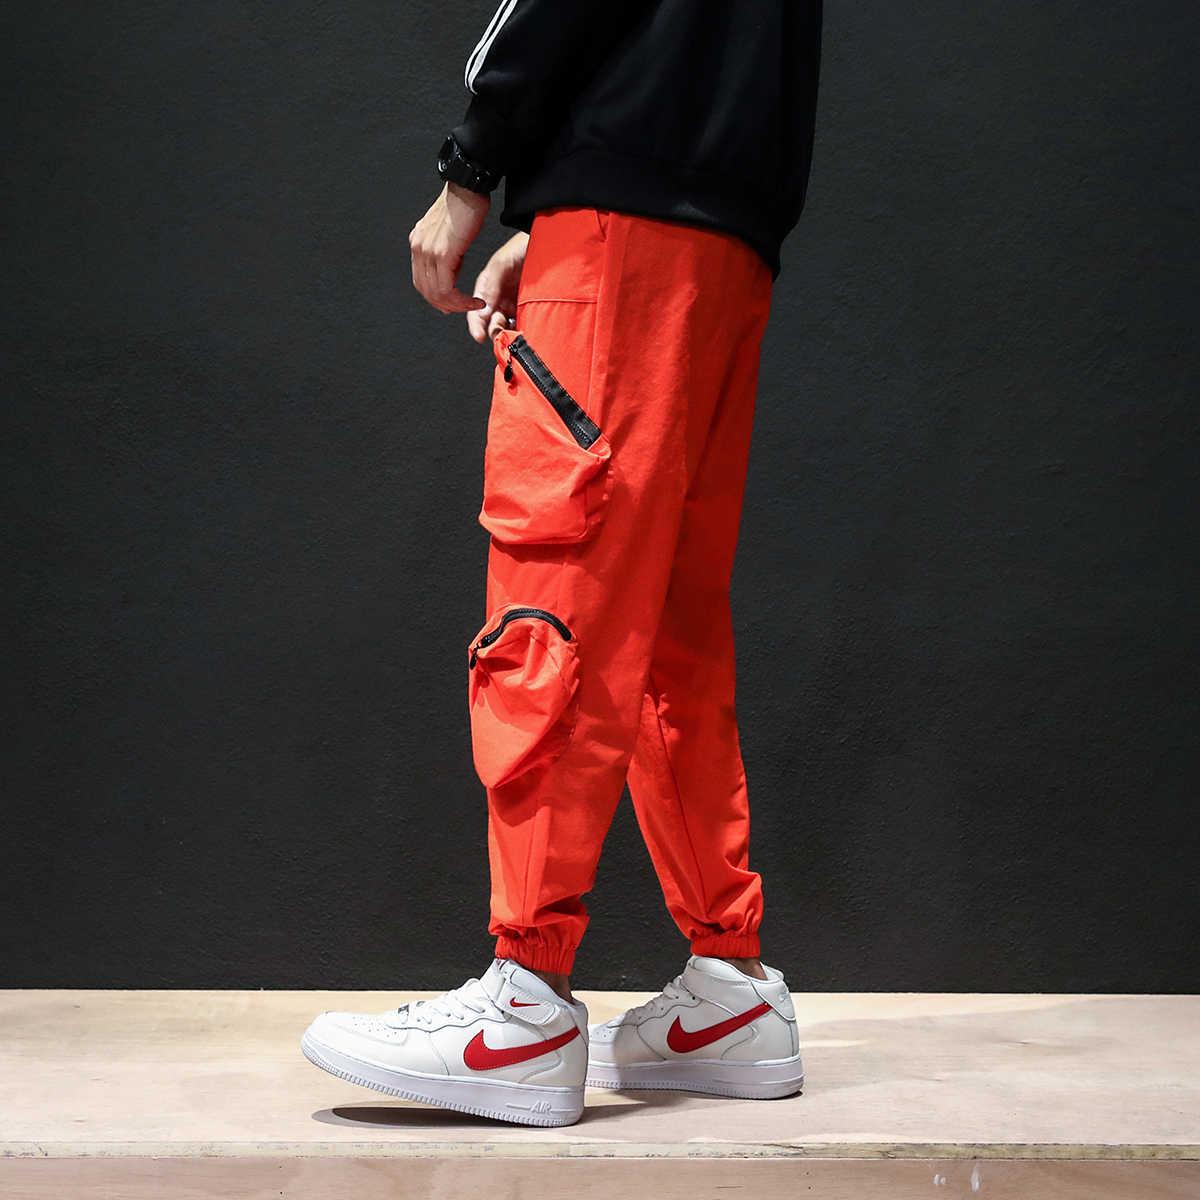 Hip Hop Turuncu Kargo Pantolon Erkekler Moda Sweatpants Cepler Casual Joggers Unisex Harajuku Streetwear Spor Artı Boyutu 5XL